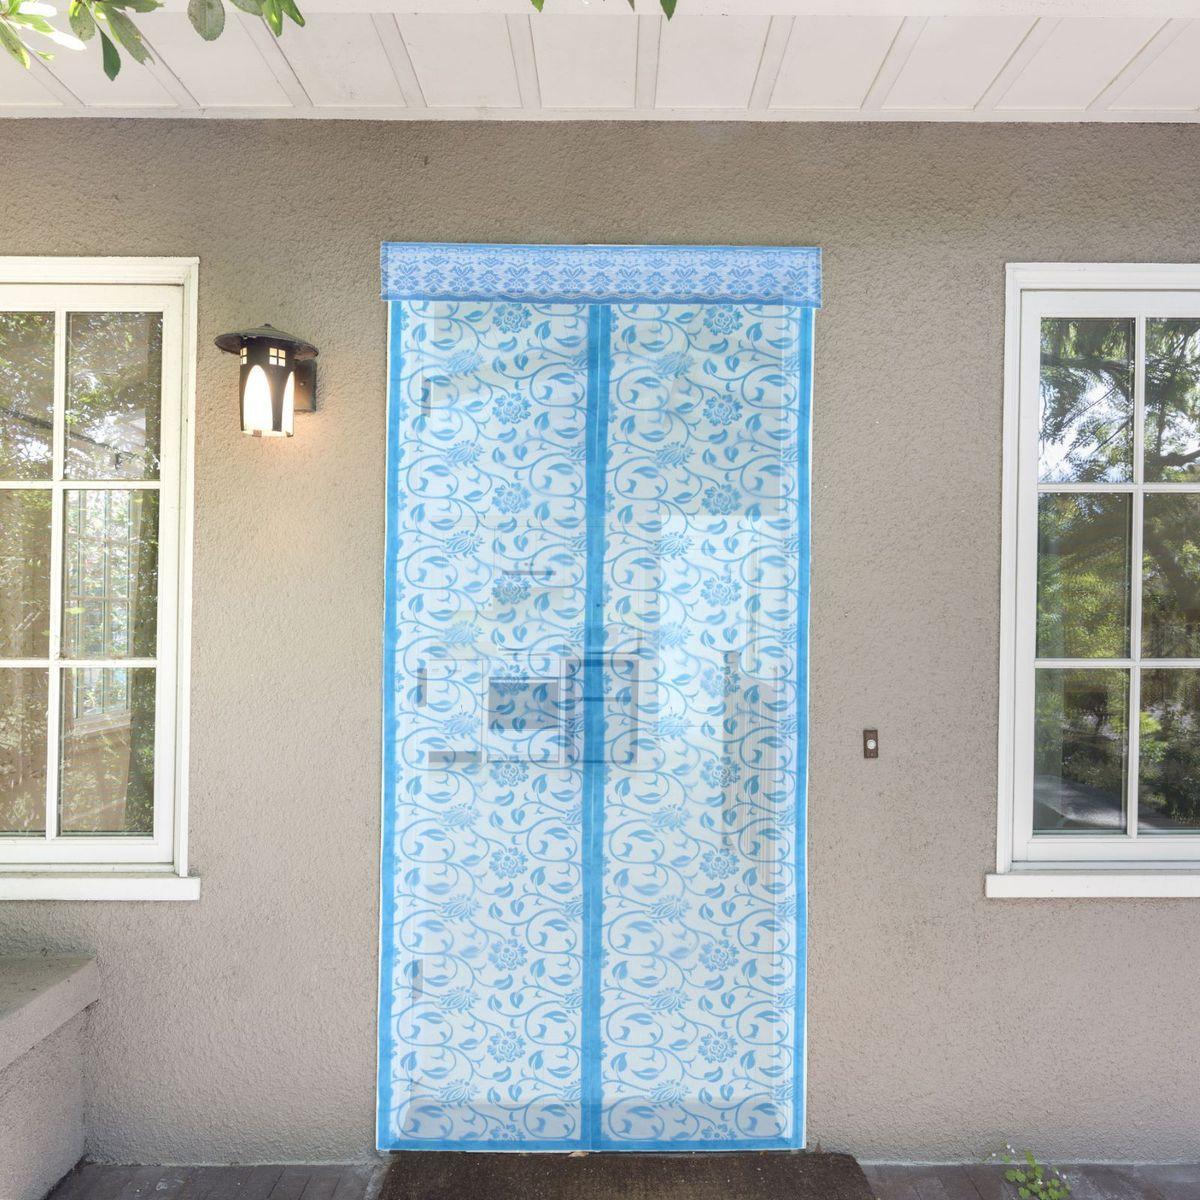 Сетка антимоскитная Noname Цветочный узор, на магнитной ленте, цвет: голубой, 80 х 210 смAS 25Занавес от насекомых Noname Цветочный узор выполнен на магнитной ленте и универсален в использовании. Необходимо просто подвесить его при входе в садовый дом или балкон, чтобы предотвратить попадание комаров внутрь жилища. Чтобы зафиксировать занавес в дверном проеме, достаточно закрепить занавеску по периметру двери с помощью кнопок, идущих в комплекте. Принцип действия занавеса: каждый раз, когда вы будете проходить сквозь шторы, они автоматически захлопнутся за вами благодаря магнитам, расположенным по всей его длине.